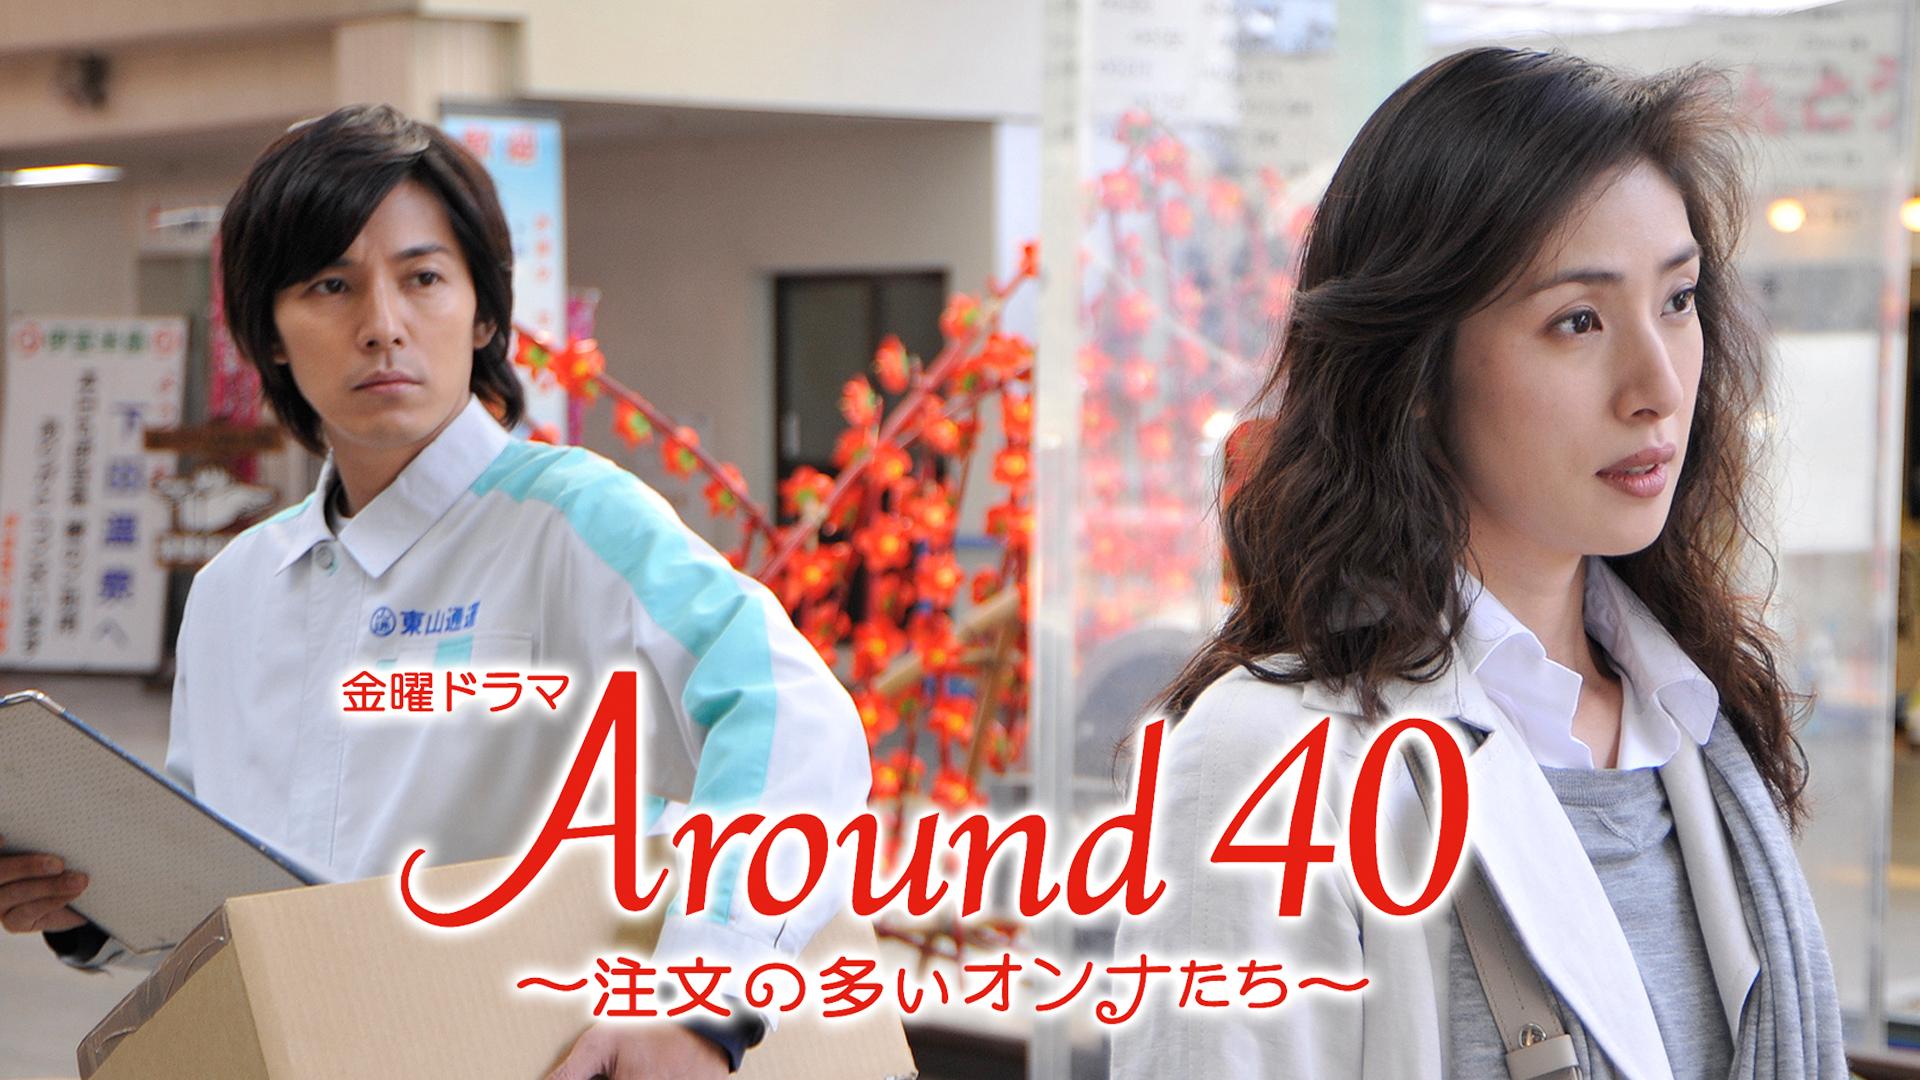 ドラマ『Around40 ~注文の多いオンナたち~』無料動画!見逃し配信でフル視聴!第1話から全話・再放送情報